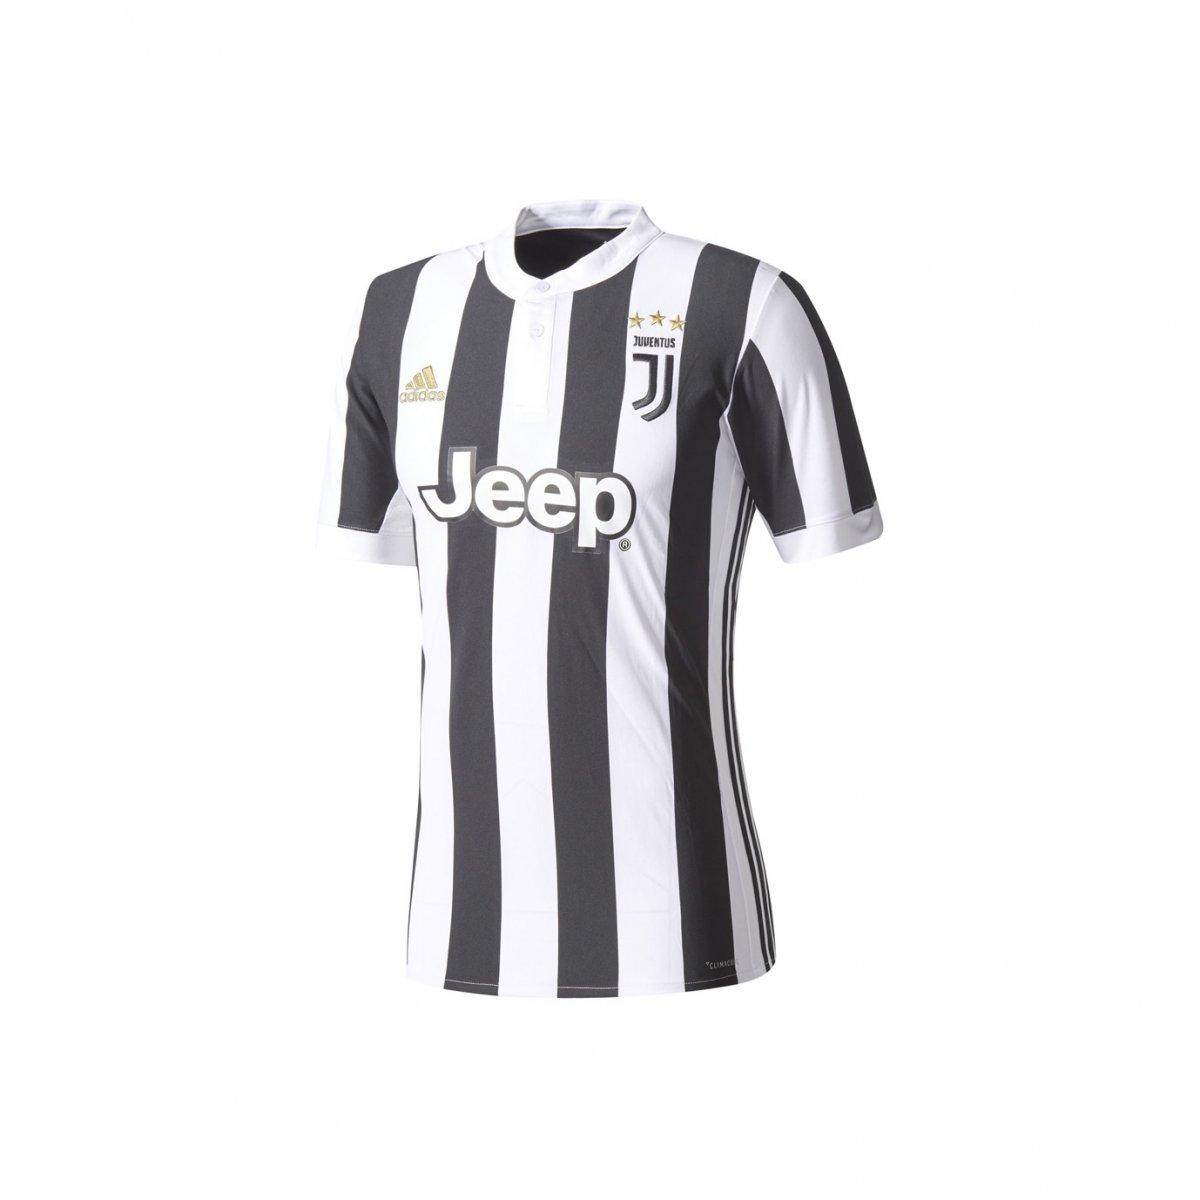 3f4c982299 Camiseta Adidas Infantil Juventus I AZ8703 - Preto Branco - Calçados ...